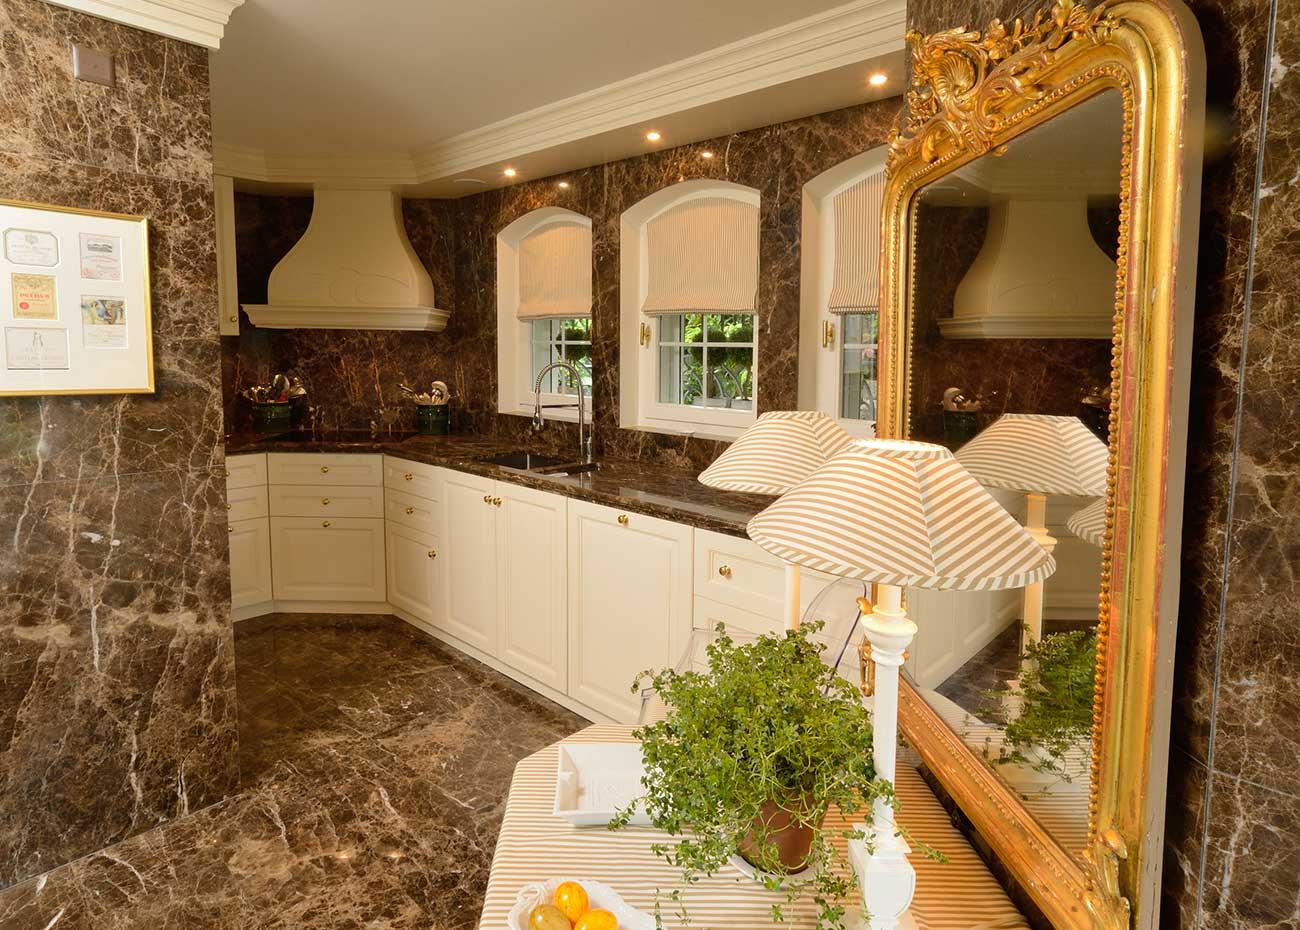 cucina-con-rivestimenti-in-marmo-spagnolo-emperador-dark